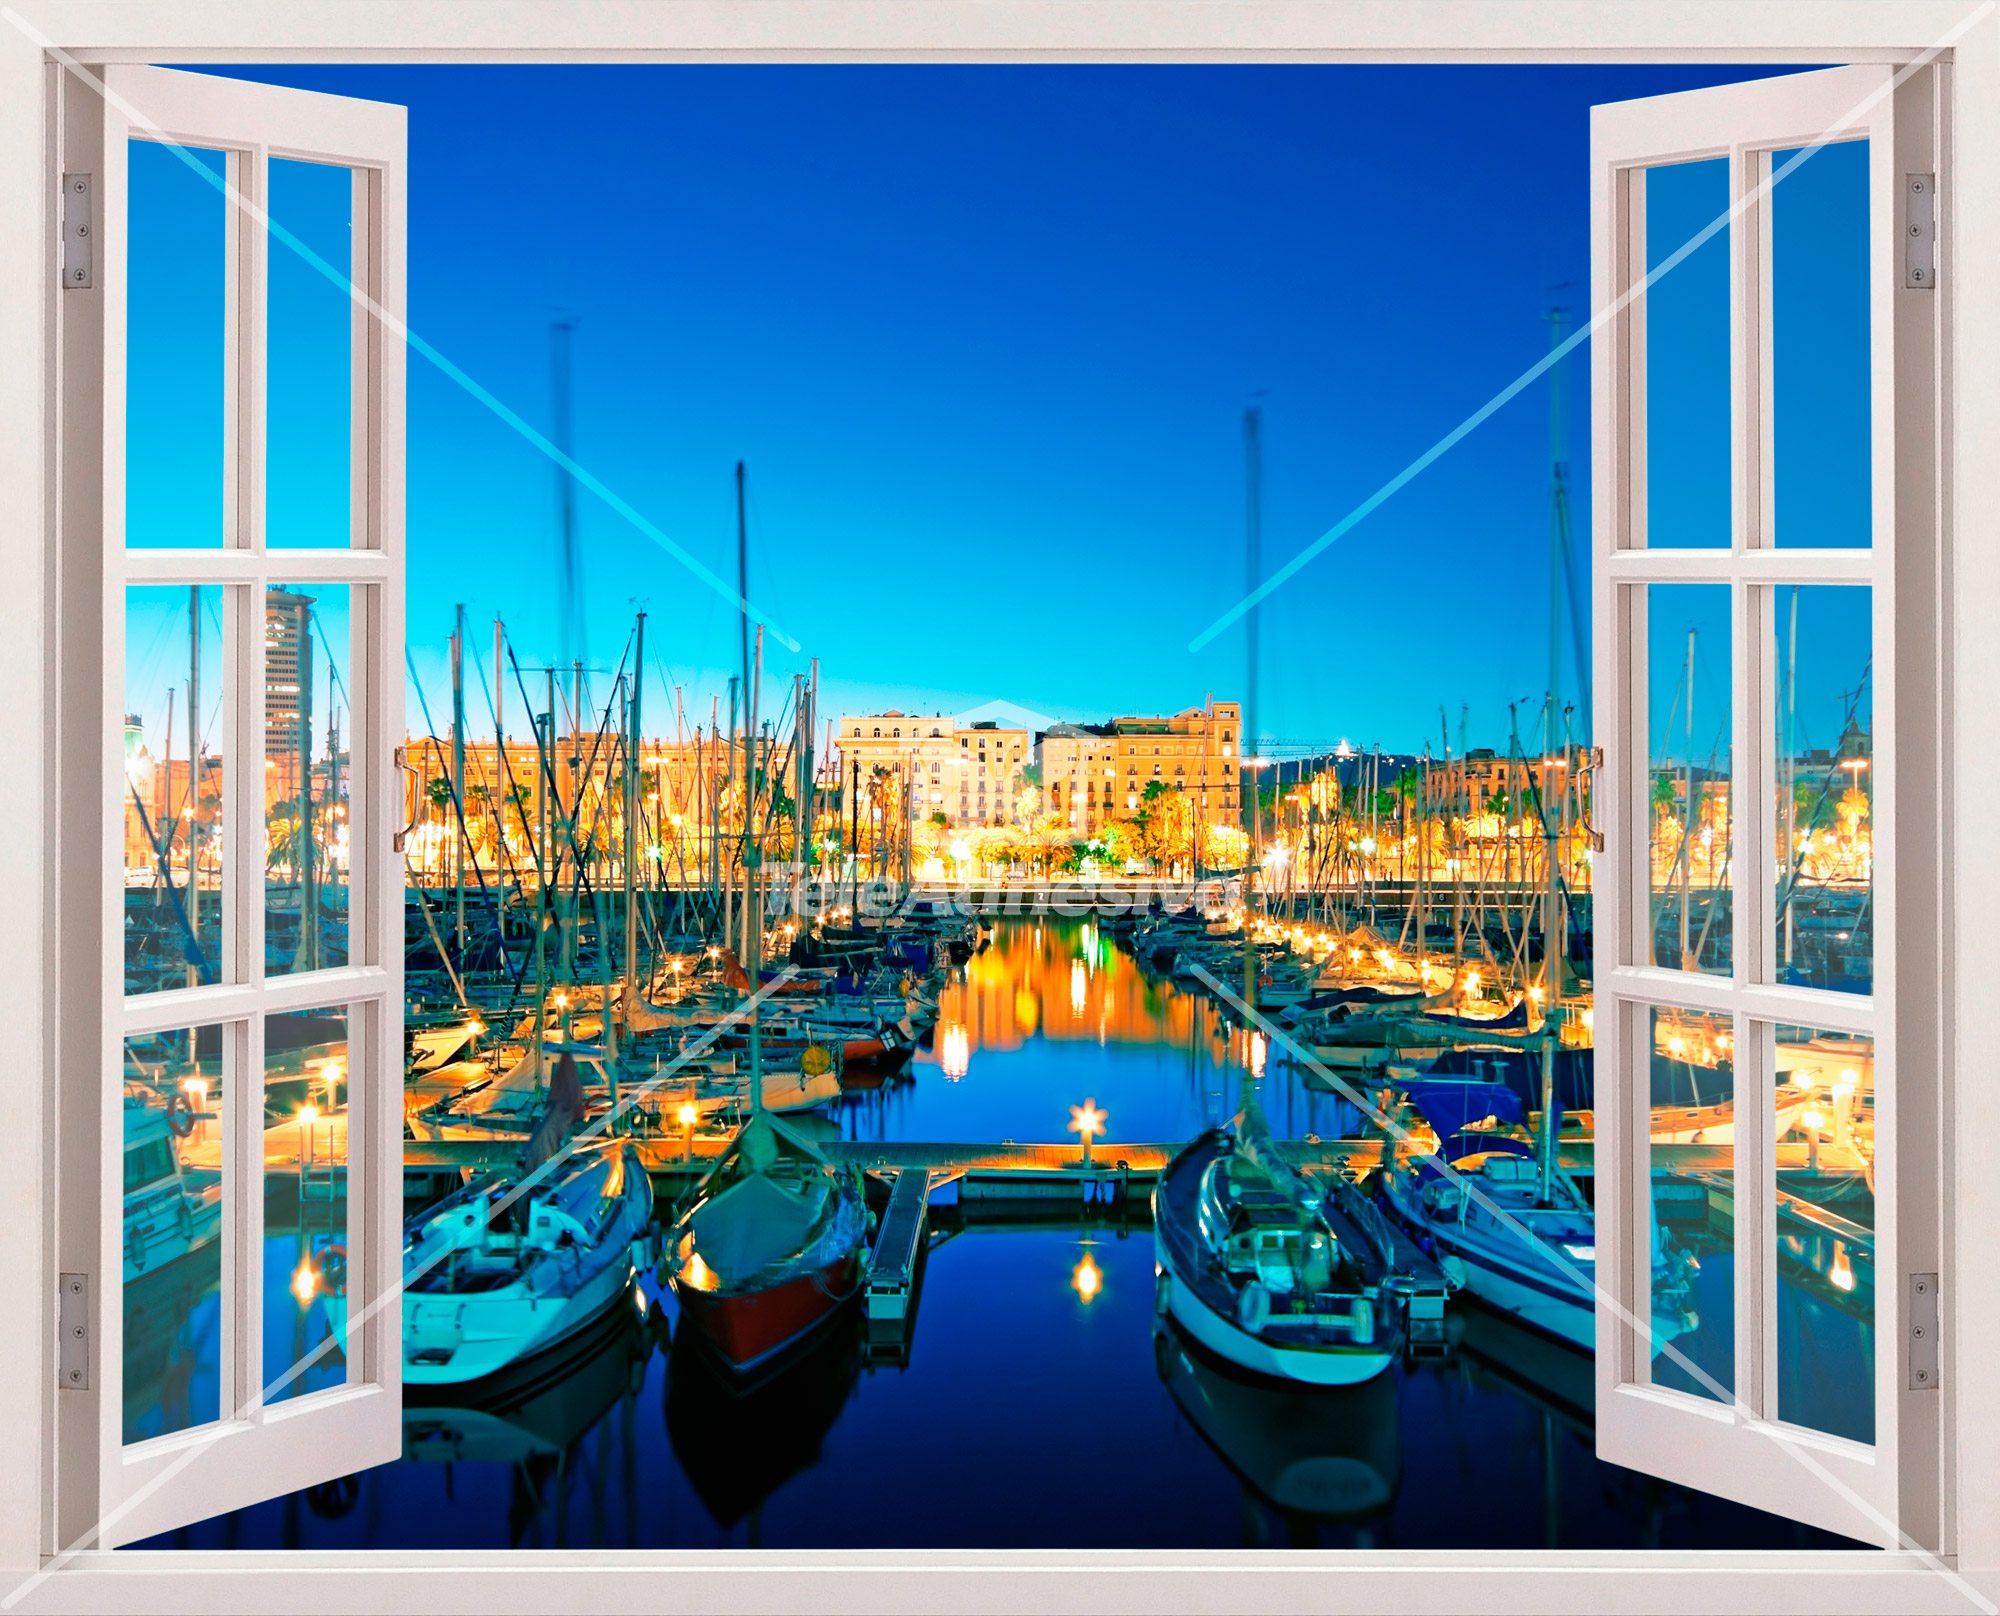 Vinilo decorativo noche en el puerto marino for The ventana